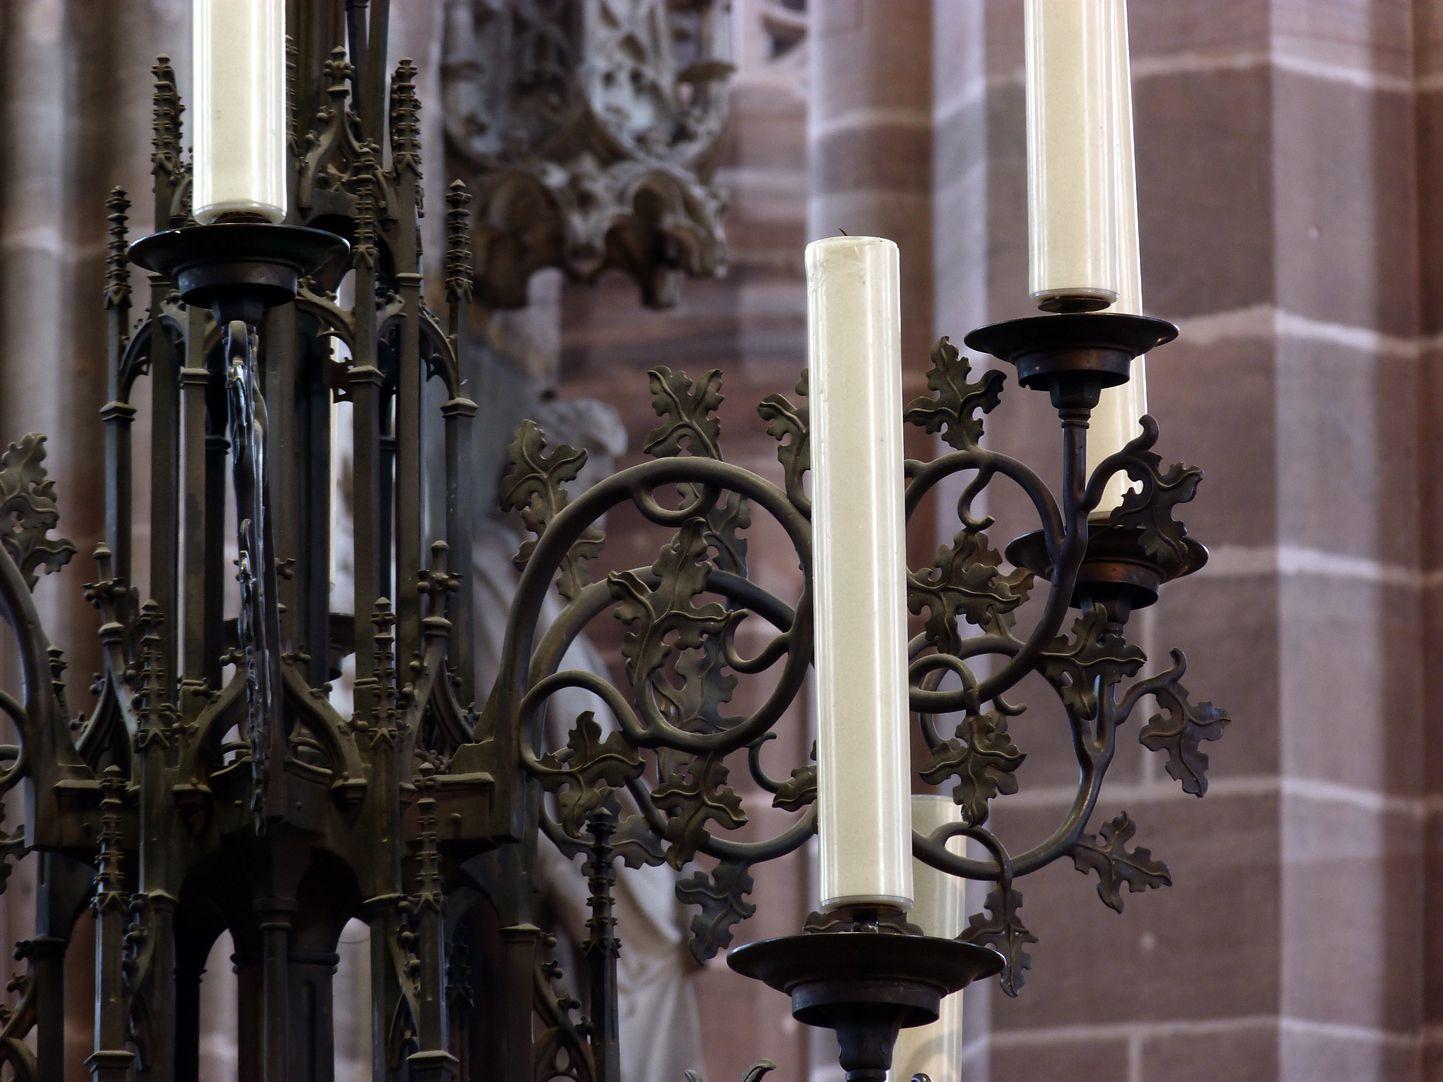 Bronze chandelier Upper part of the chandelier with tendrils